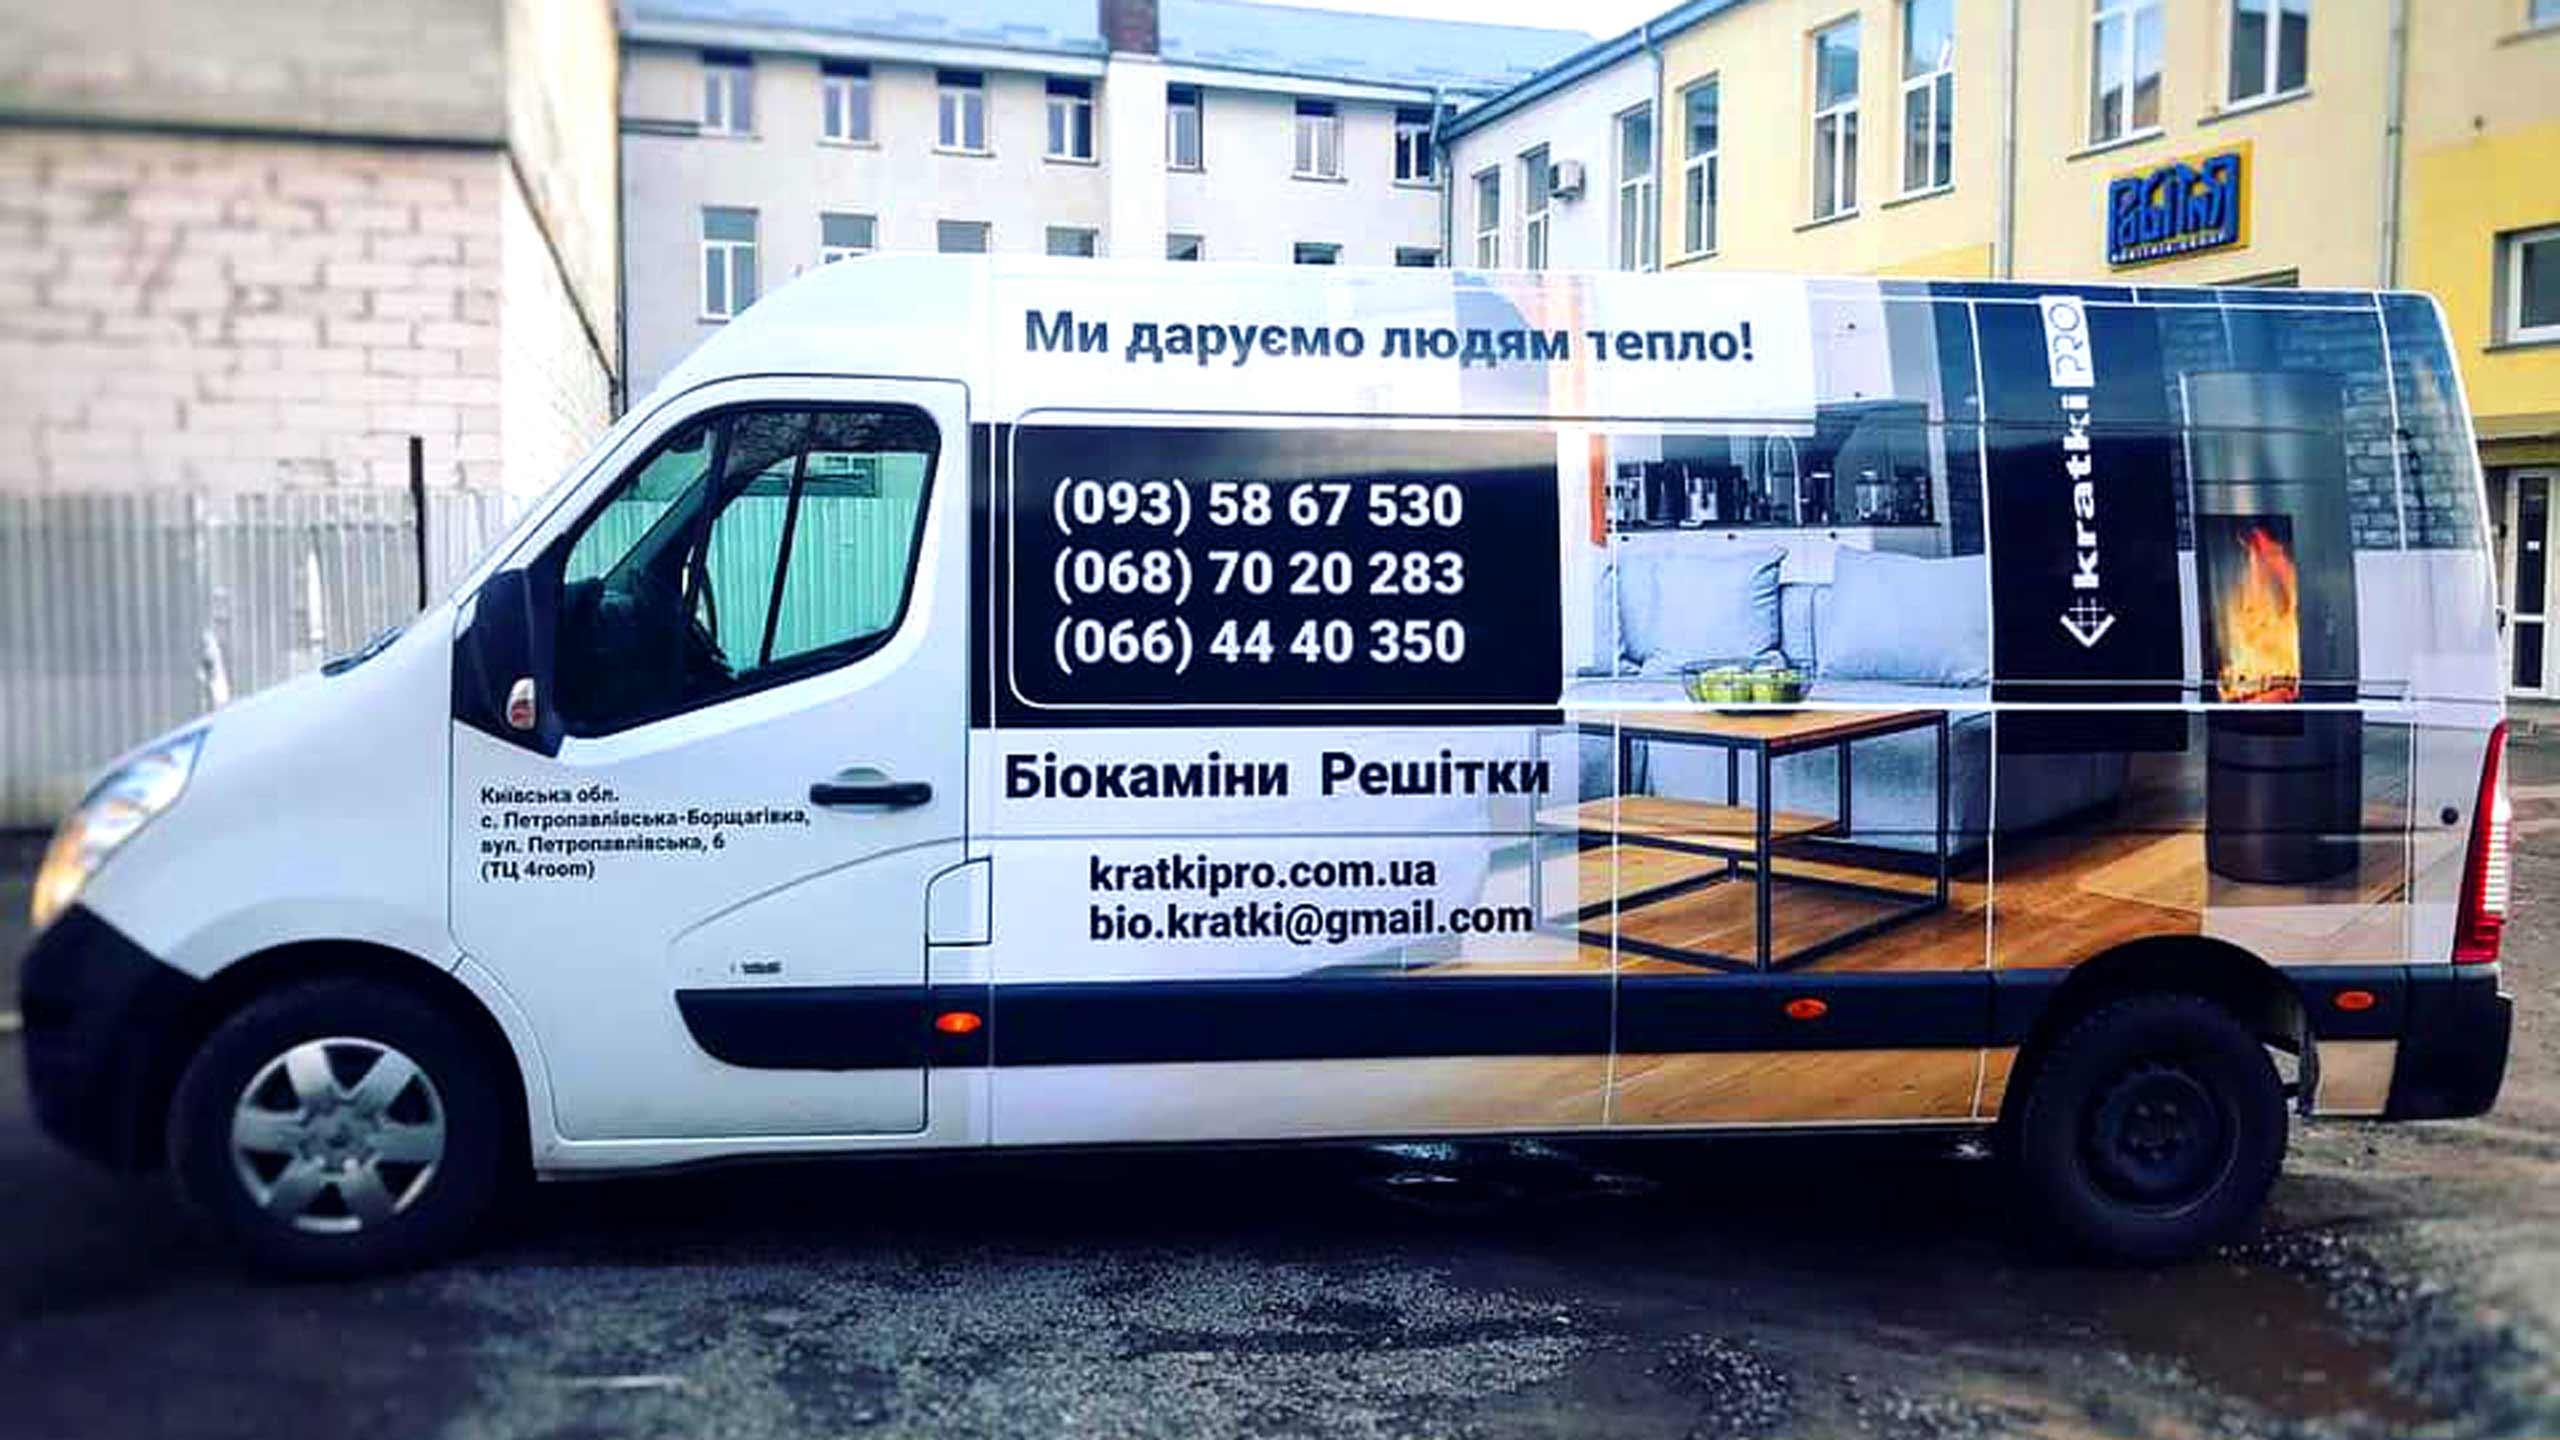 креативна реклама на авто